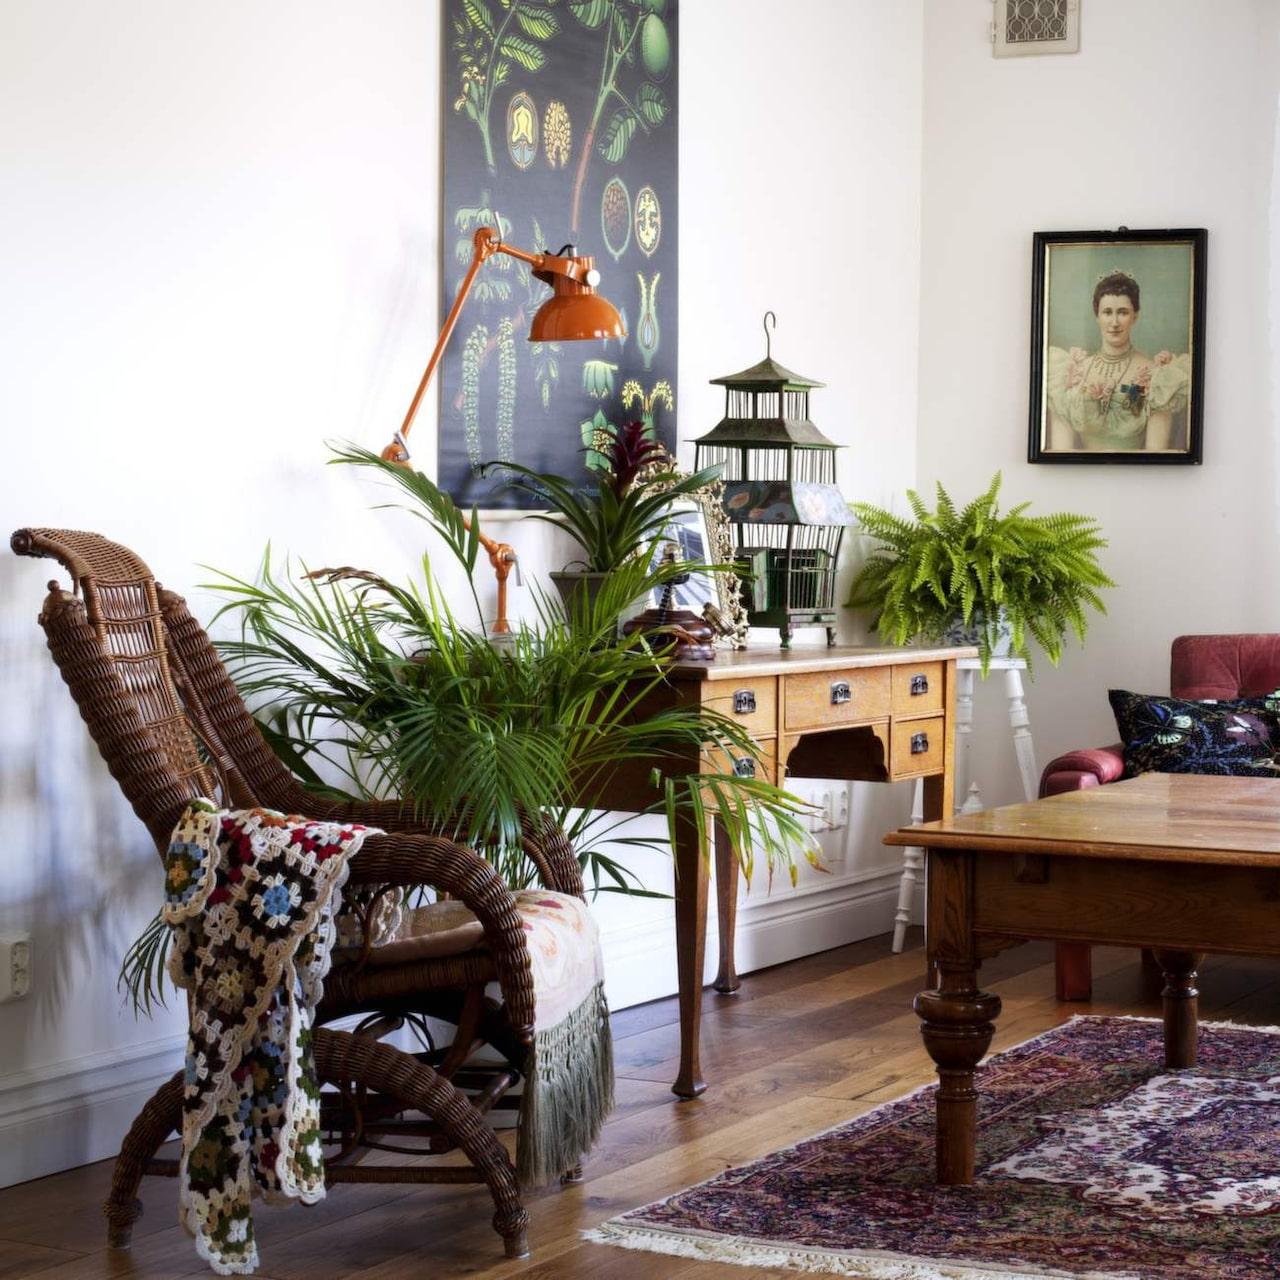 <span>Vardagsrumsbordet är ett Blocketfynd. Sofforna är Bettinas föräldrars gamla från 70-talet. Kuddarna i soffan kommer från Nadja Wedin. Taklampa från Indiska.</span>